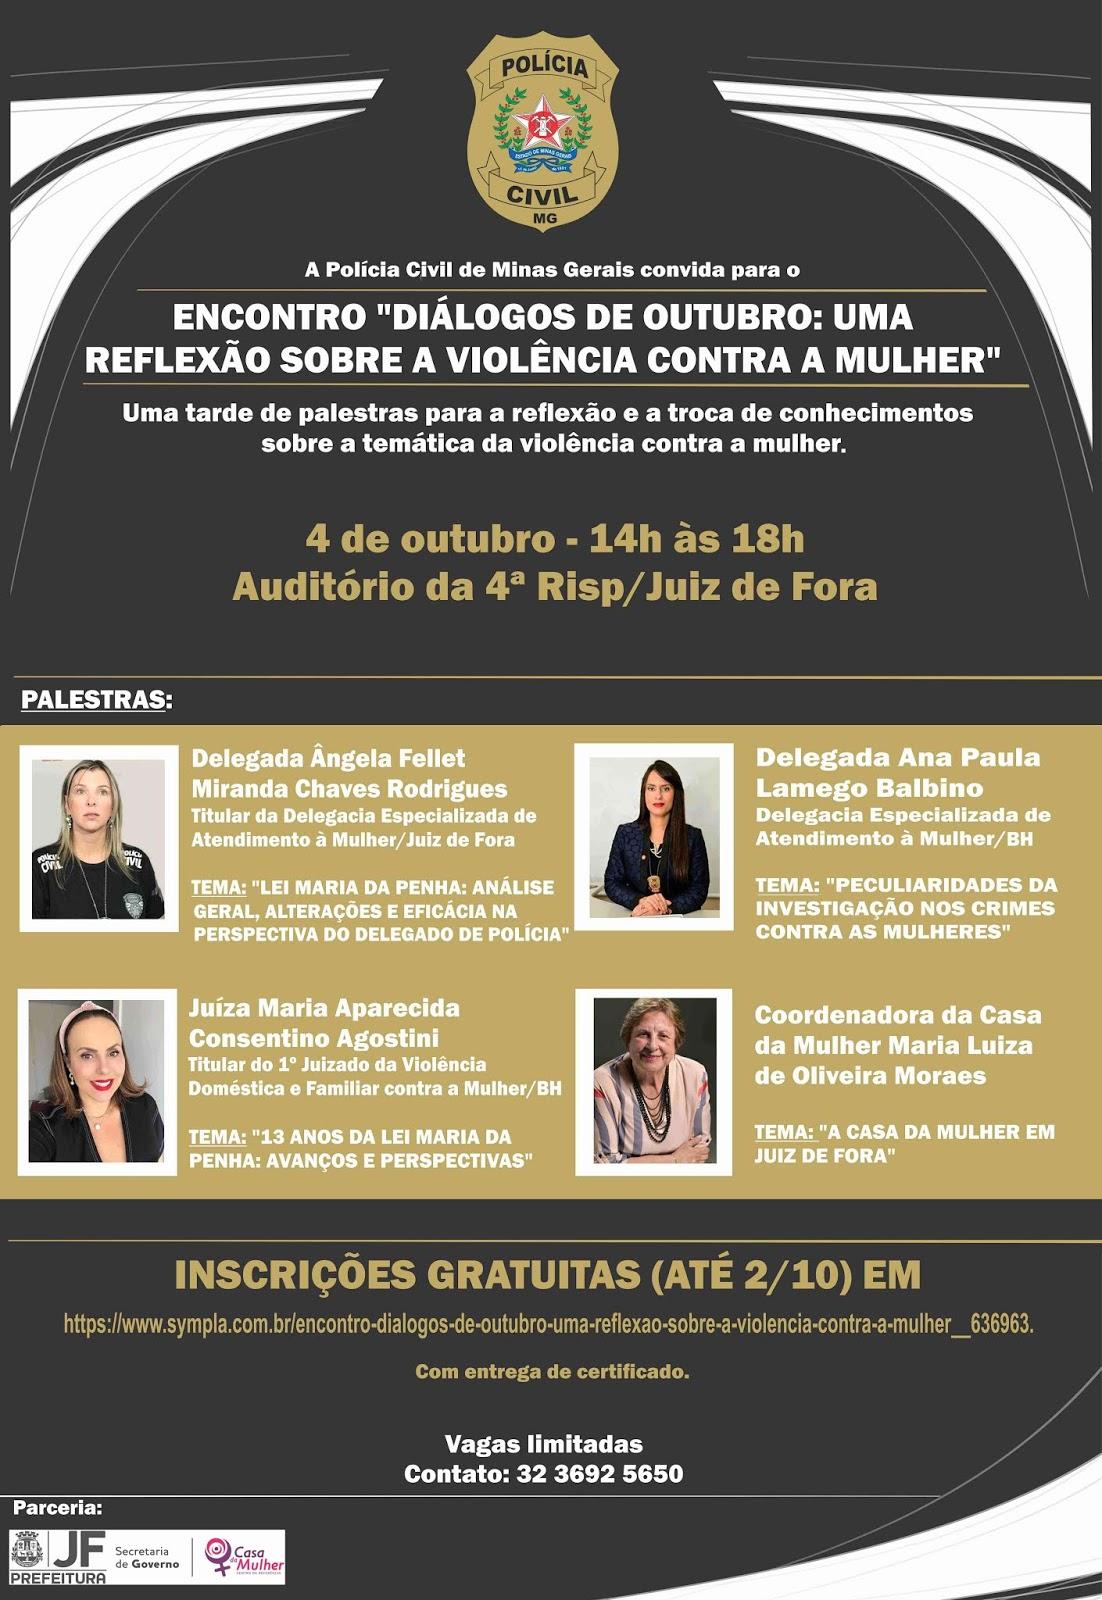 PCMG Juiz de Fora - Diálogos de outubro - Violência contra a mulher